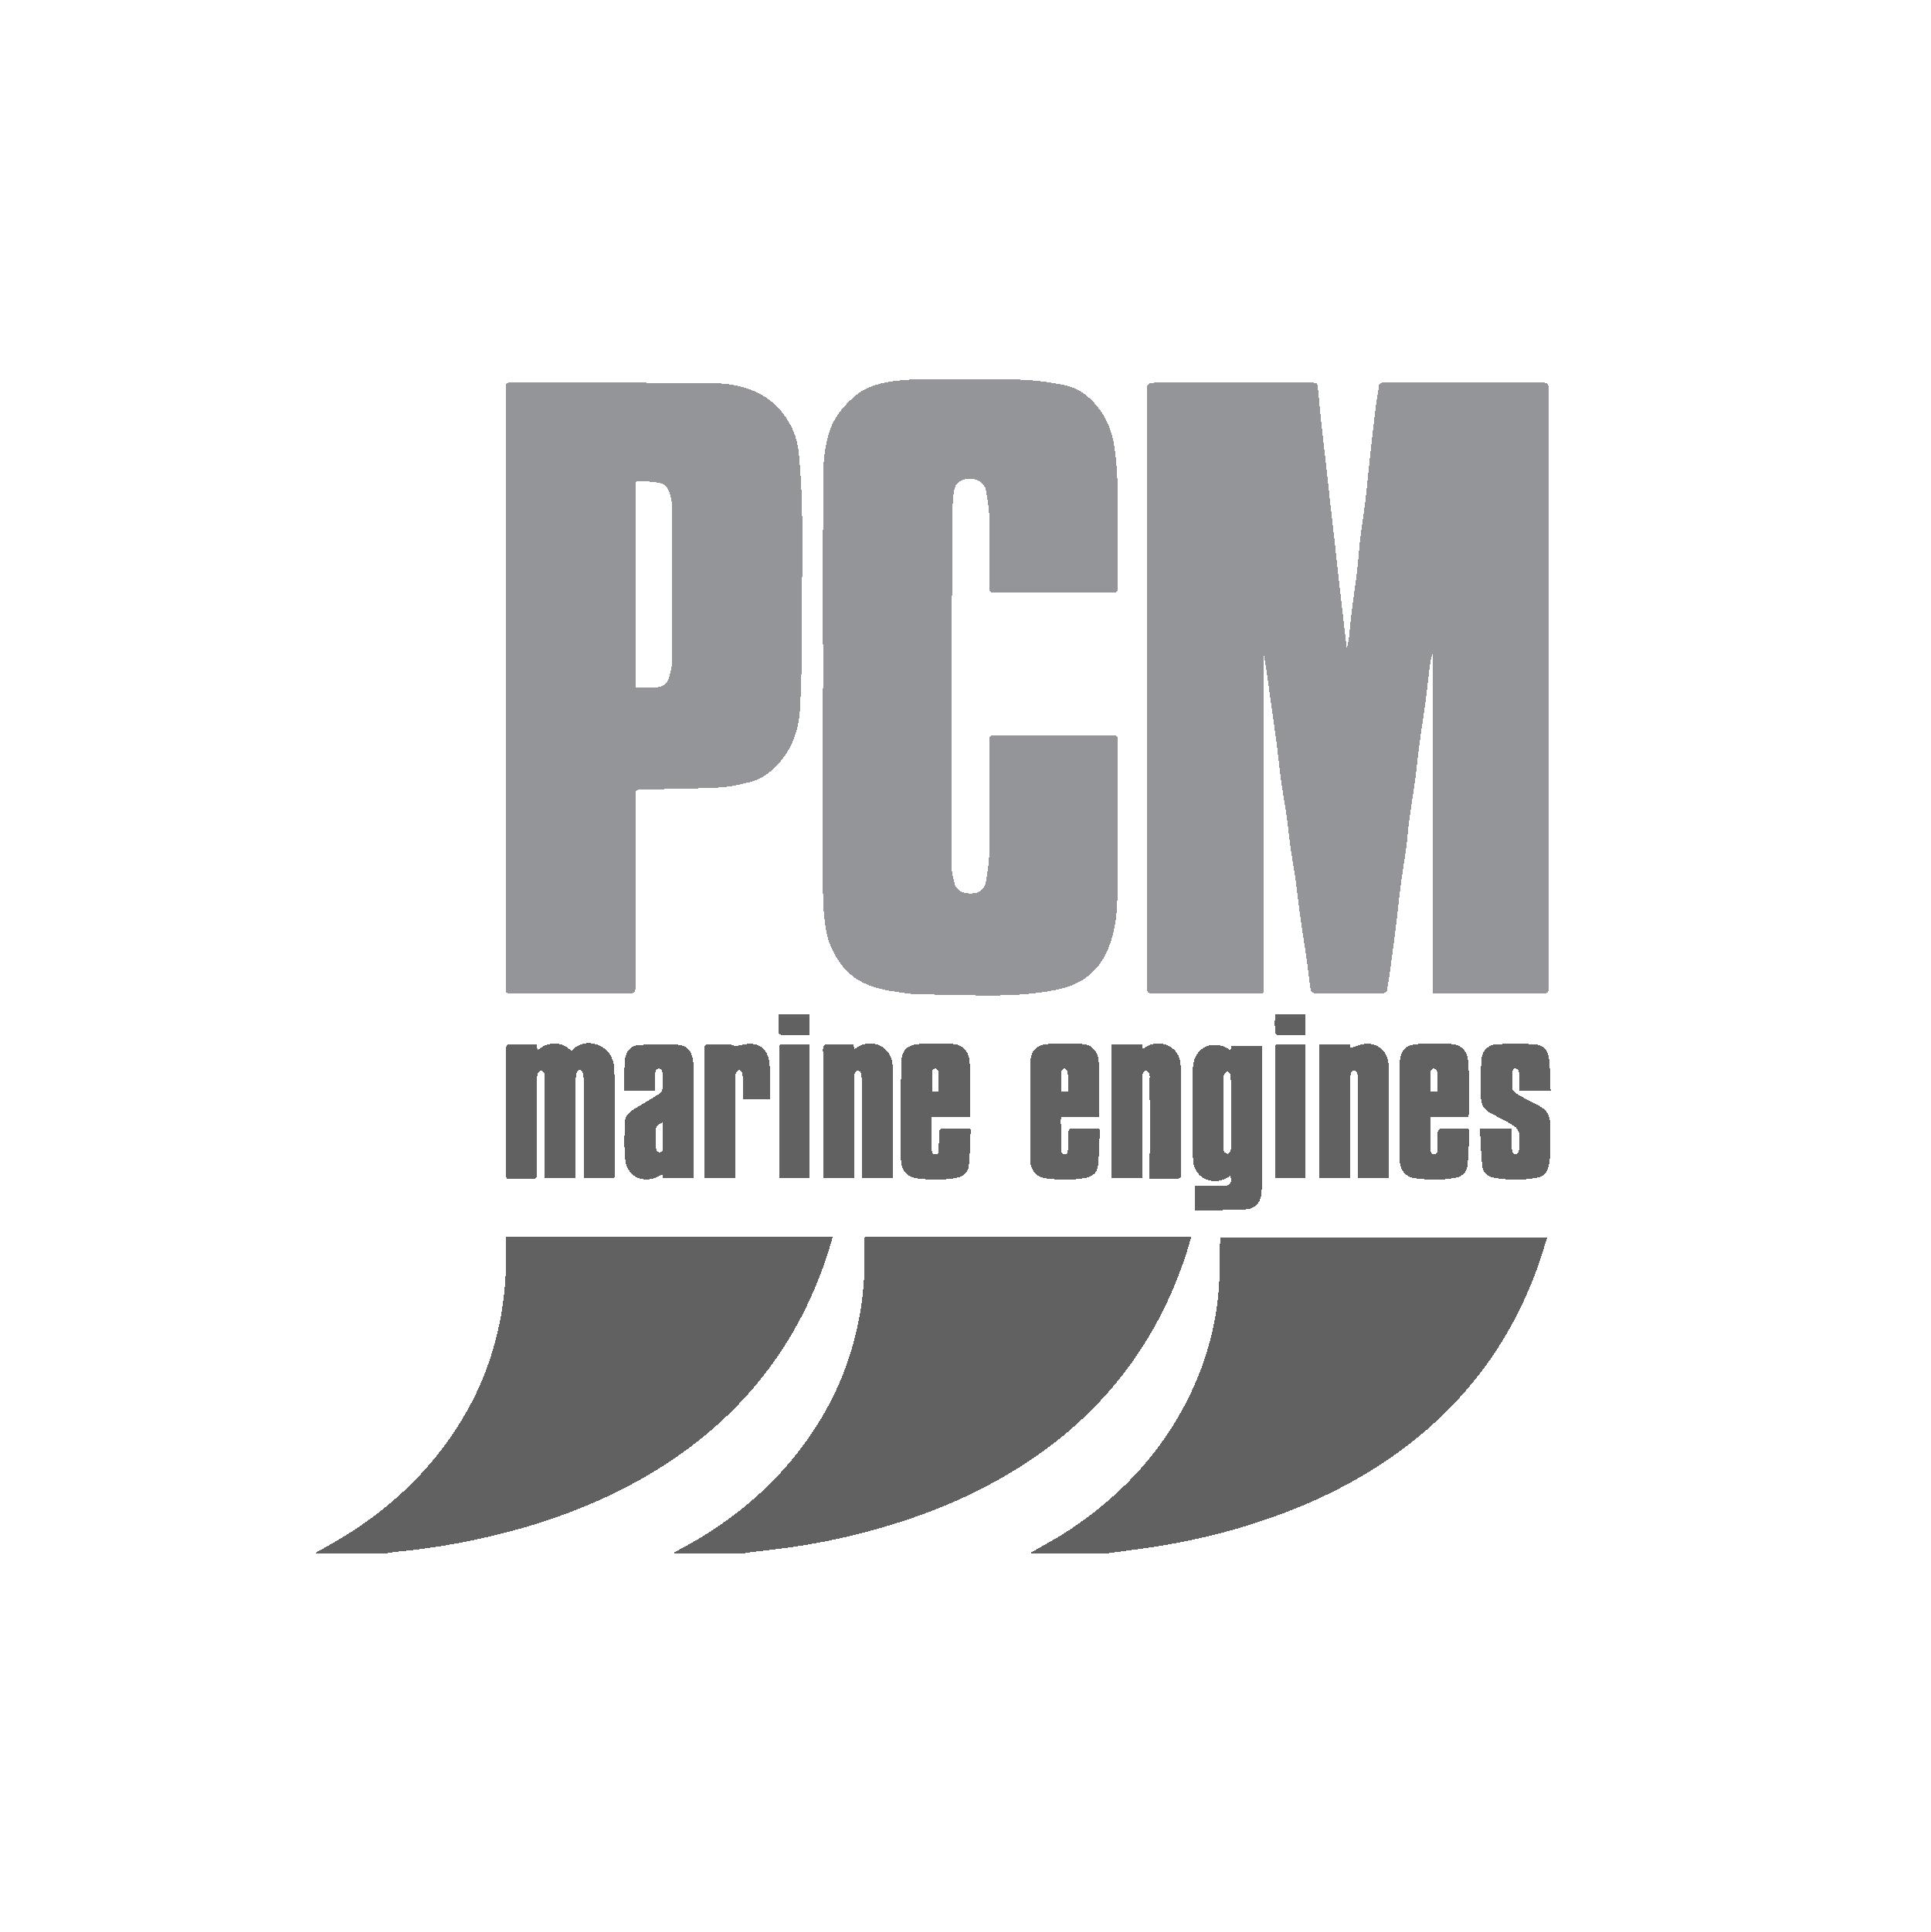 manufacturing_logos-01.png